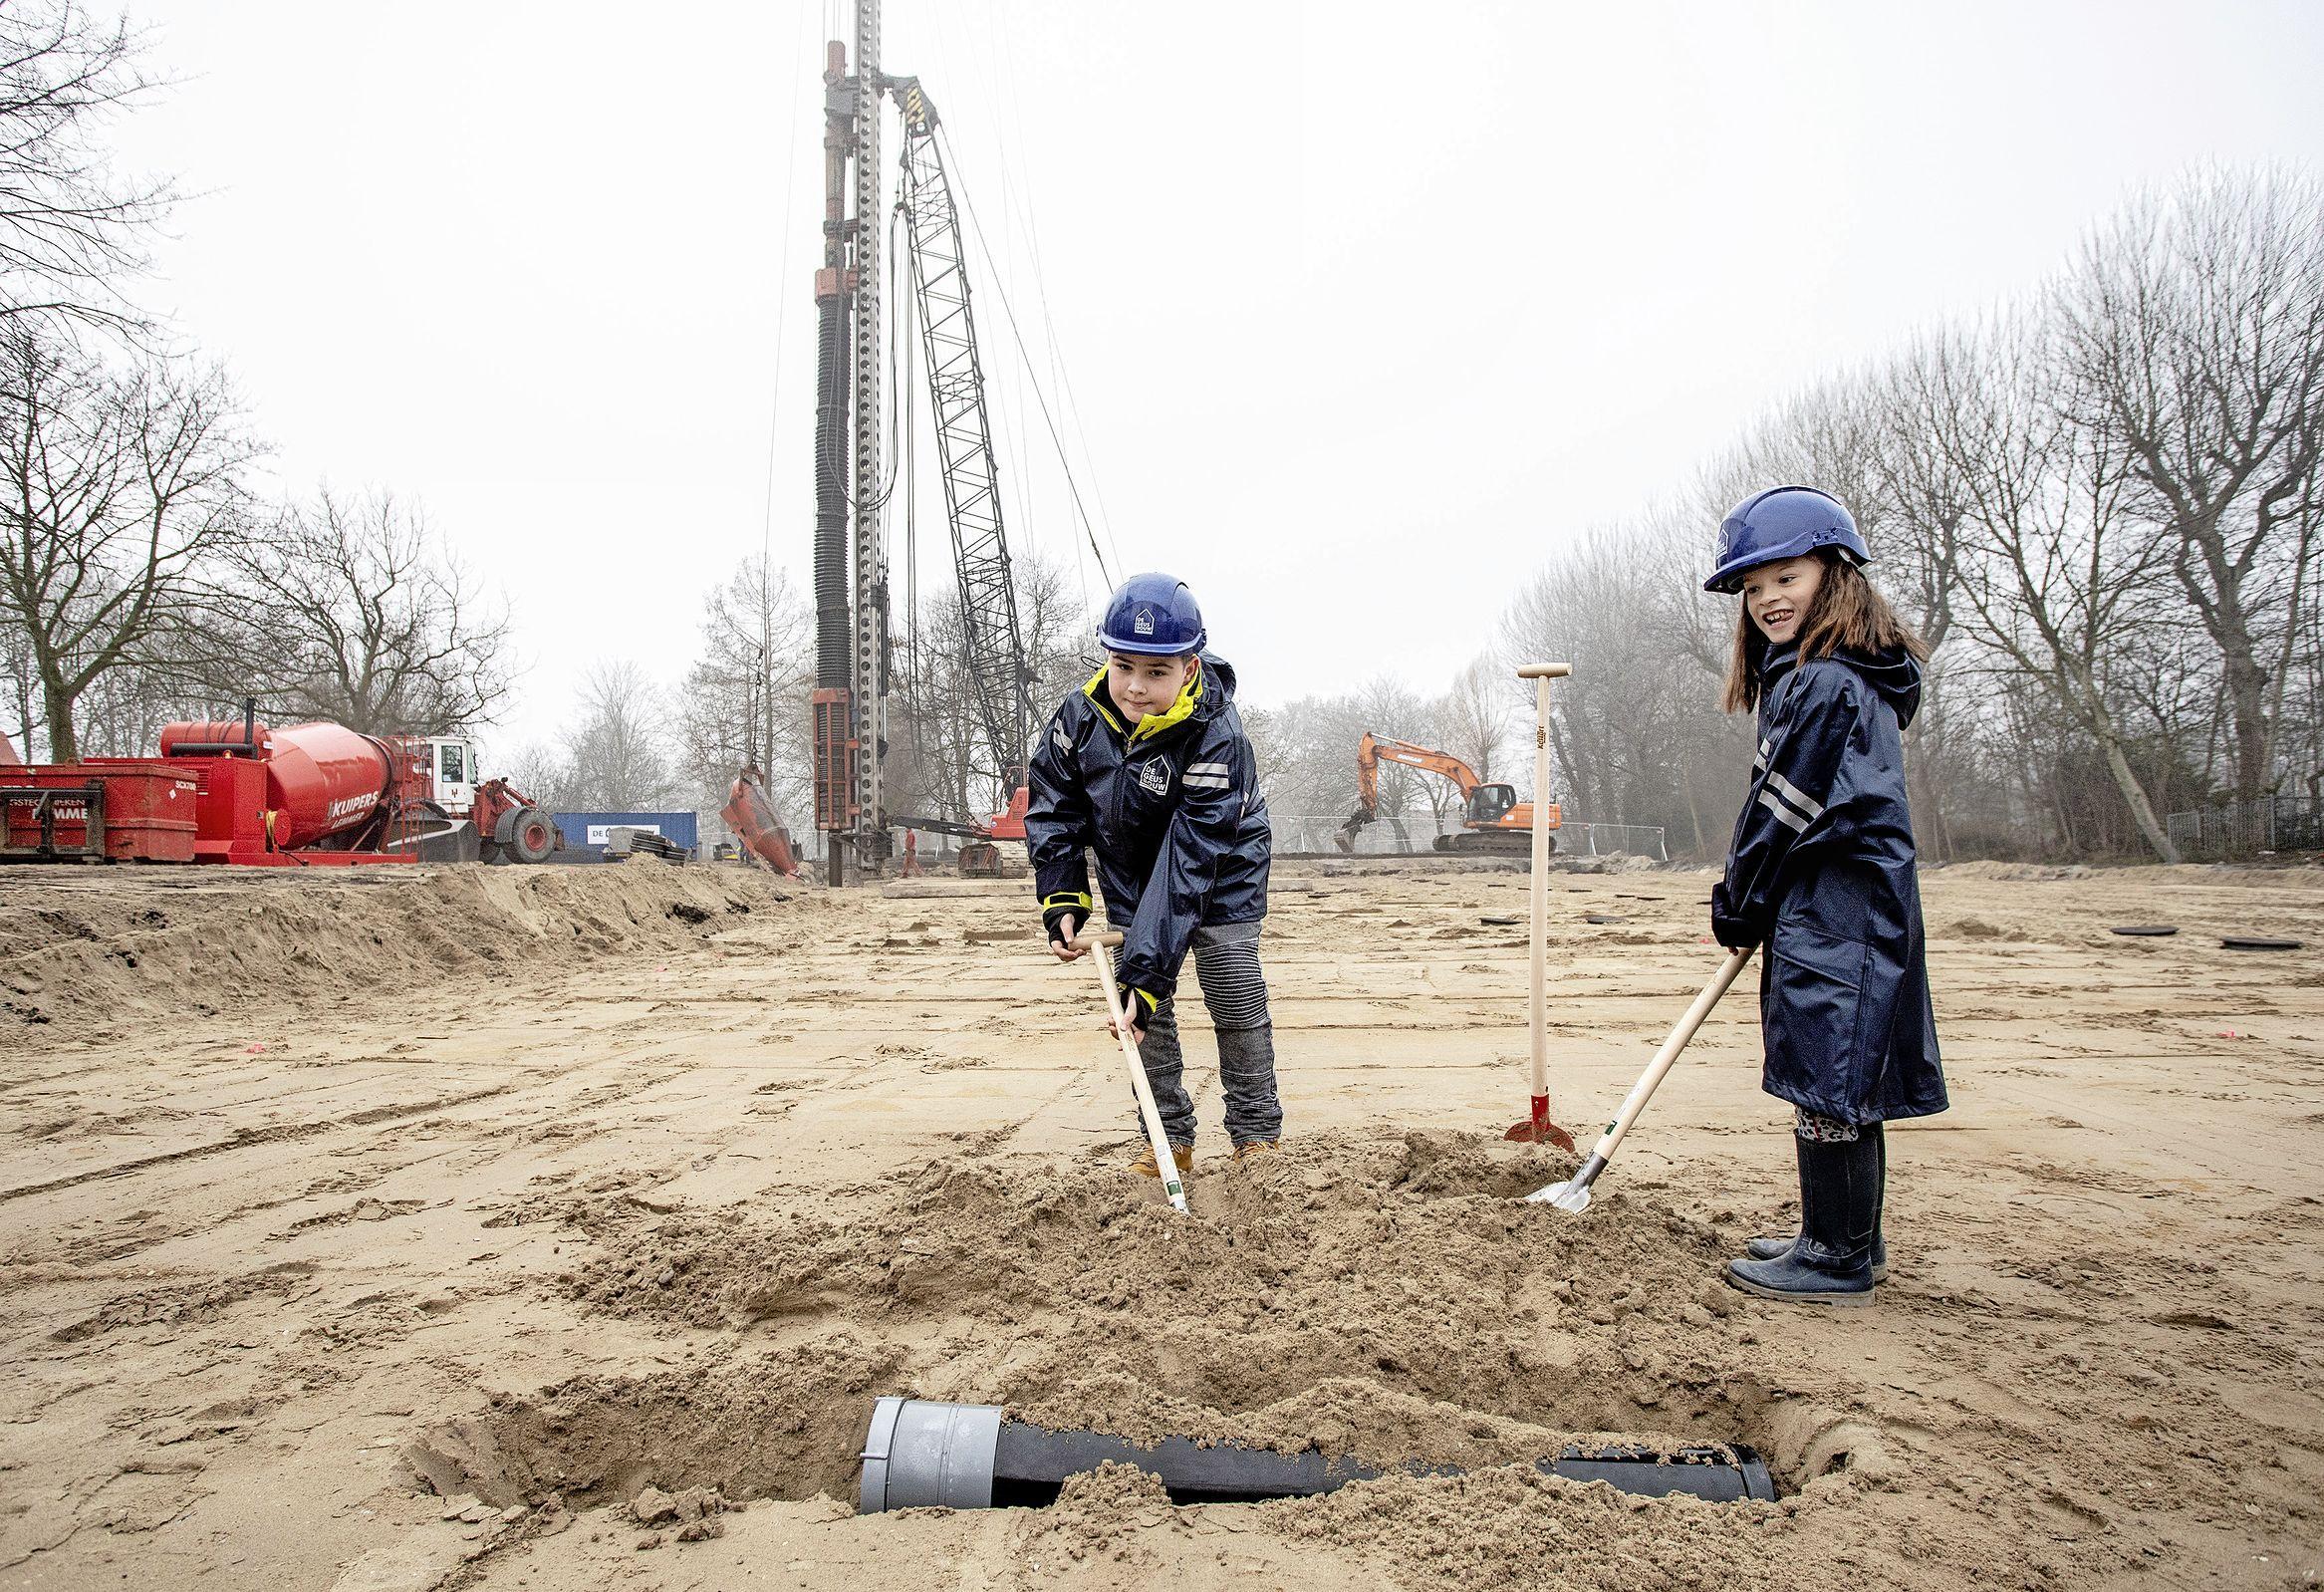 Bouw IKC Hillegom begint, maar niet voordat capsule vol tekeningen en brieven onder de school is begraven